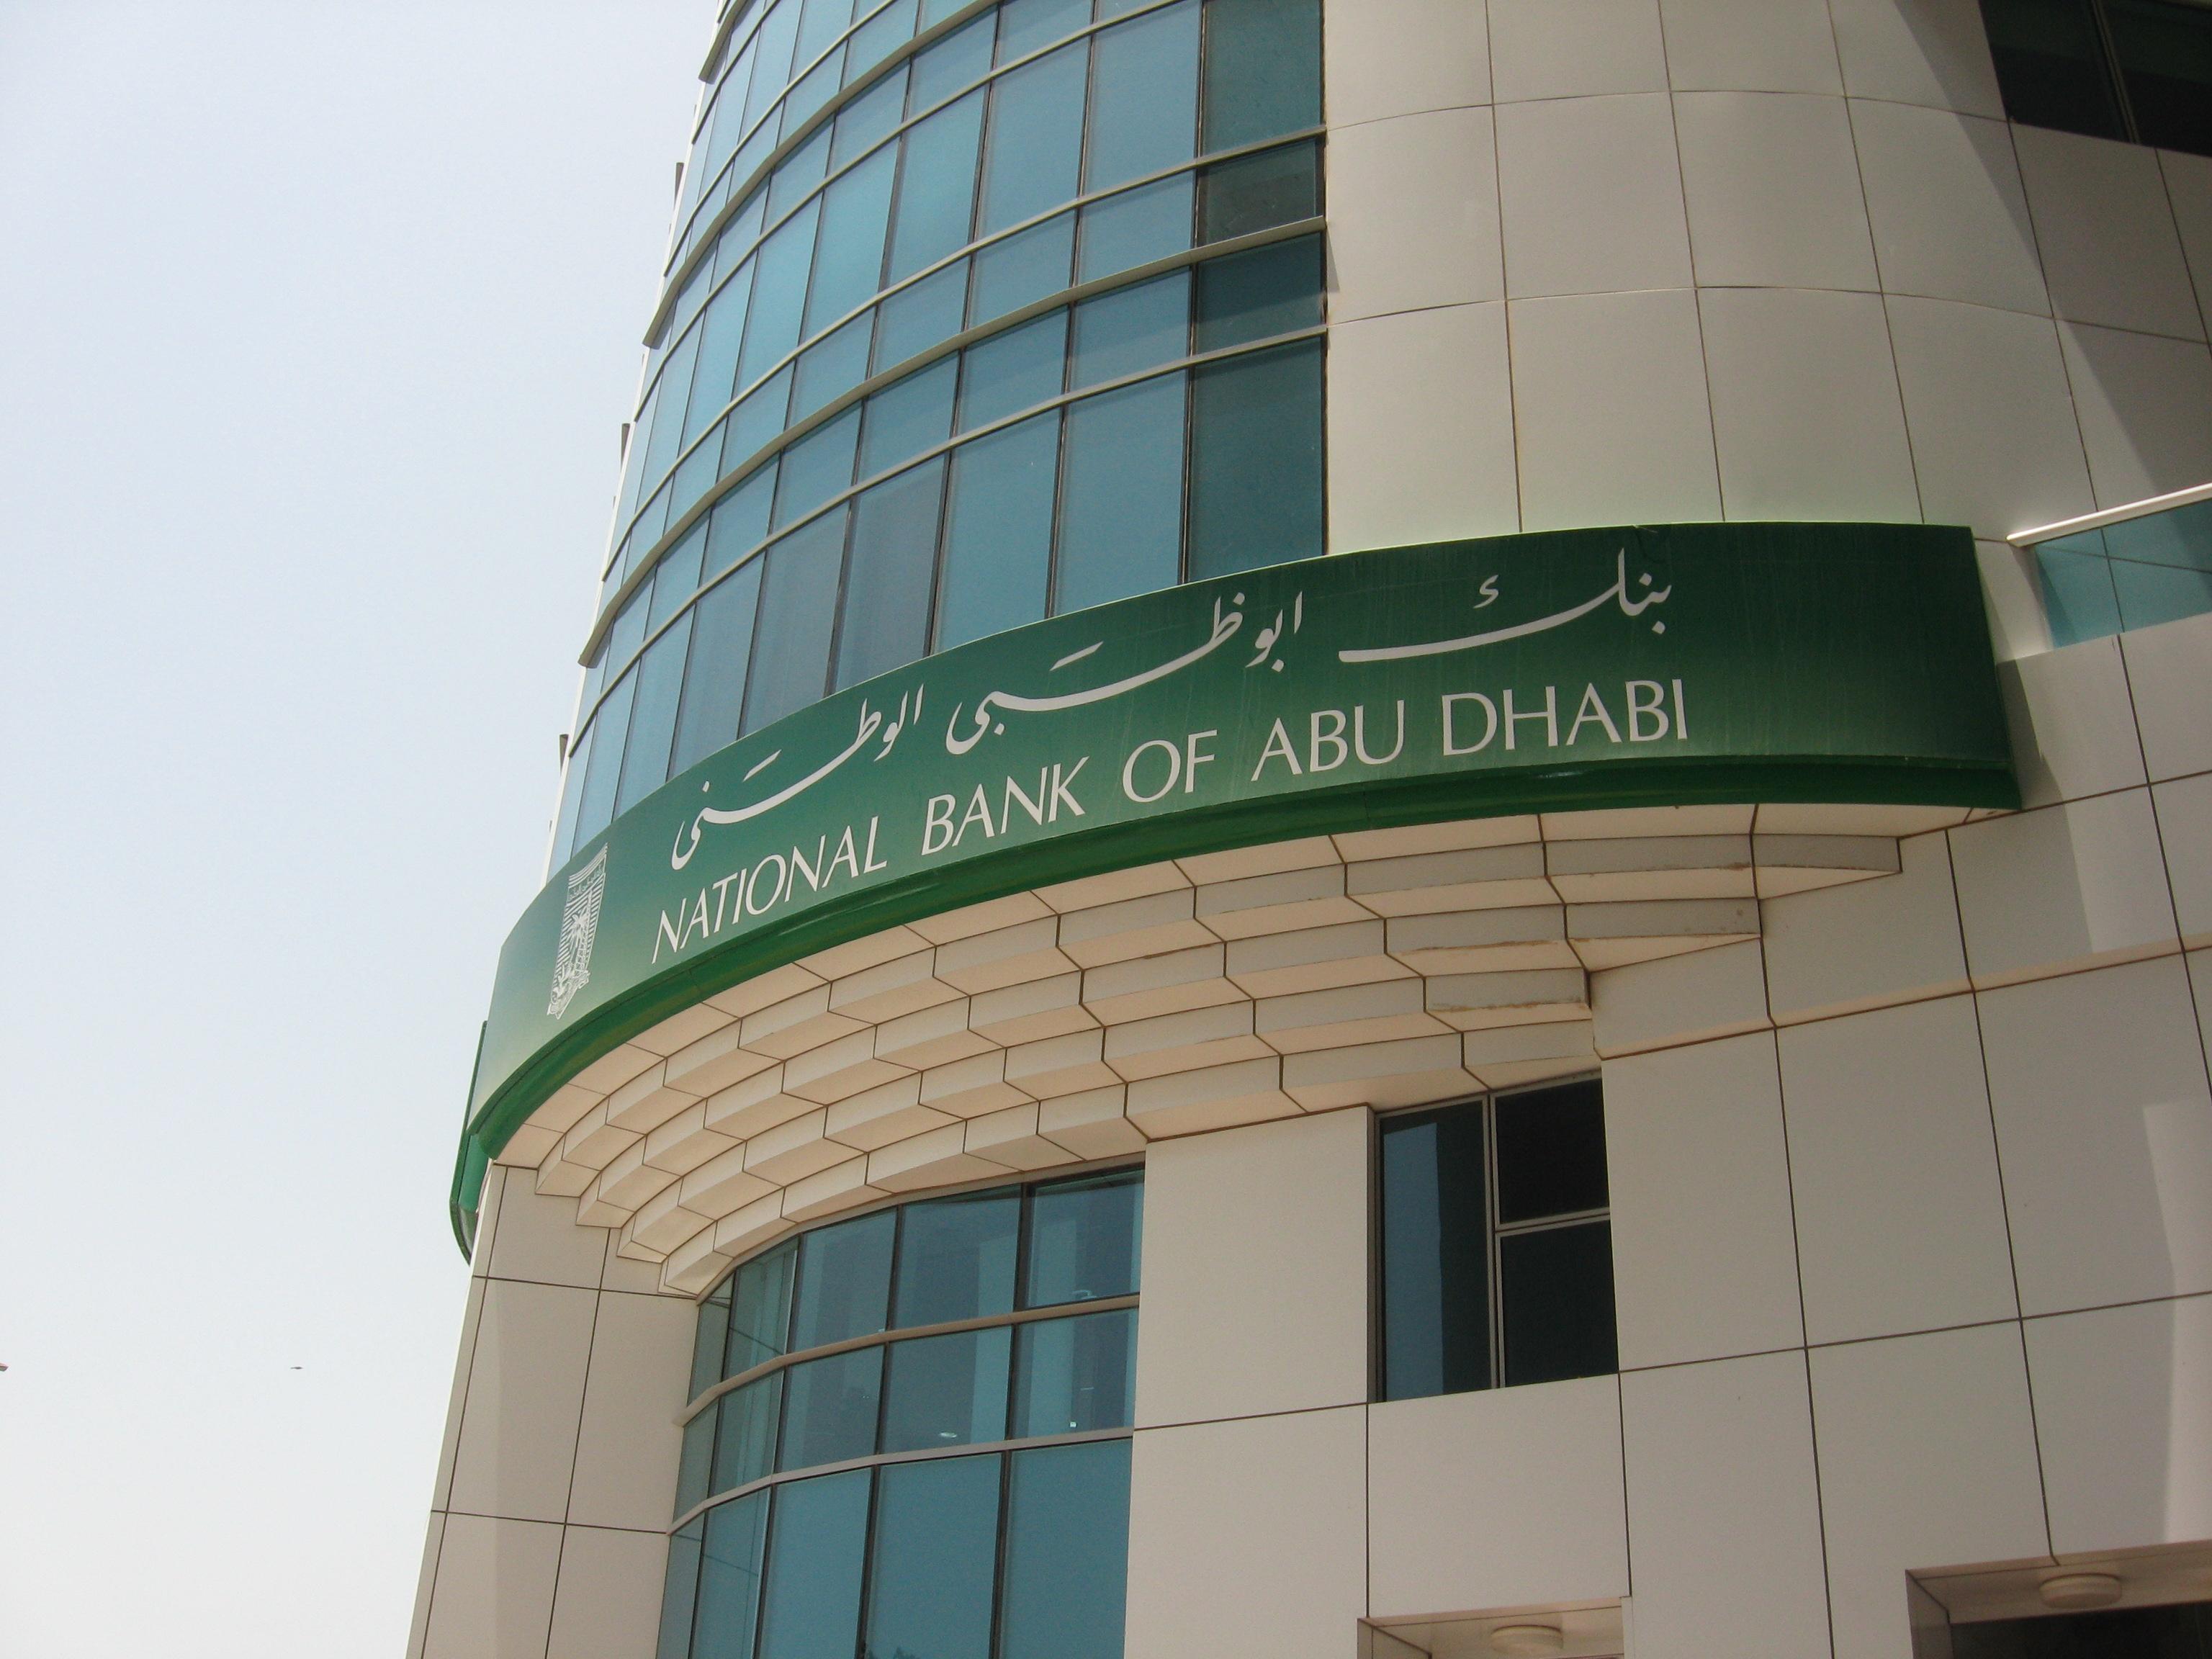 عناوين فروع بنك أبوظبي الوطني | موقع حصرى